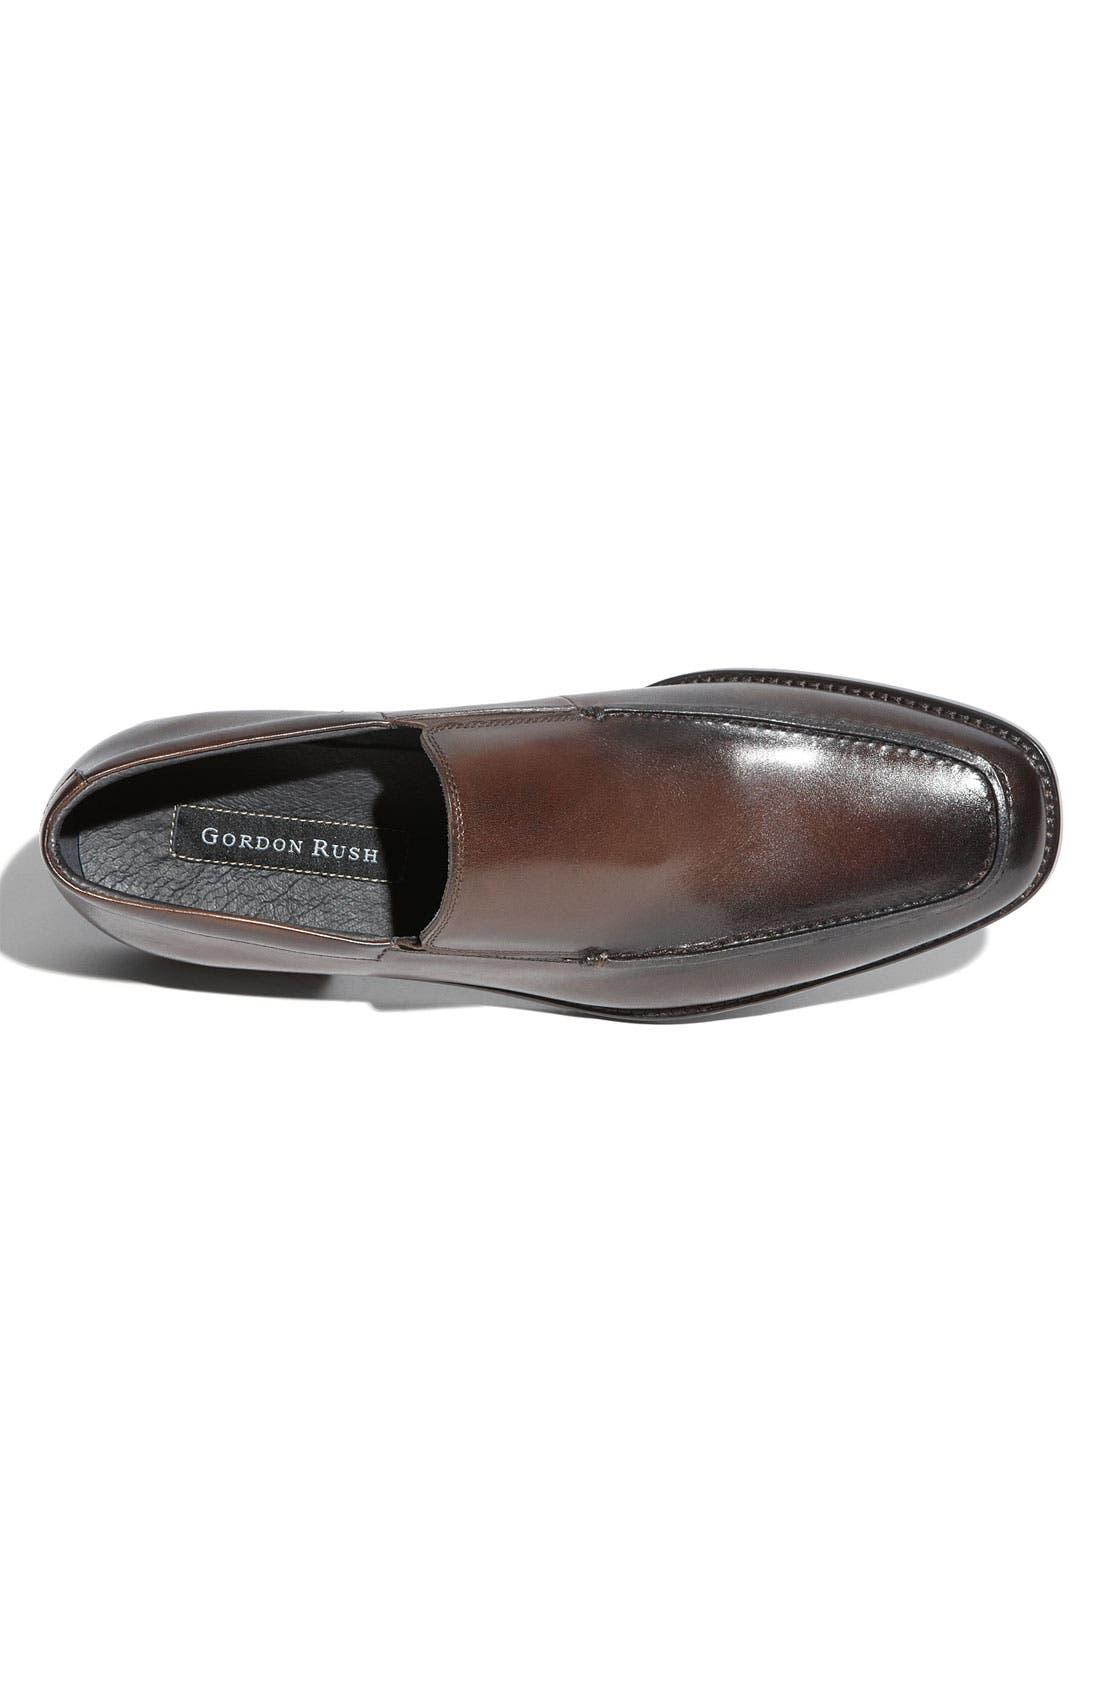 Alternate Image 3  - Gordon Rush 'Madison' Venetian Loafer (Men)